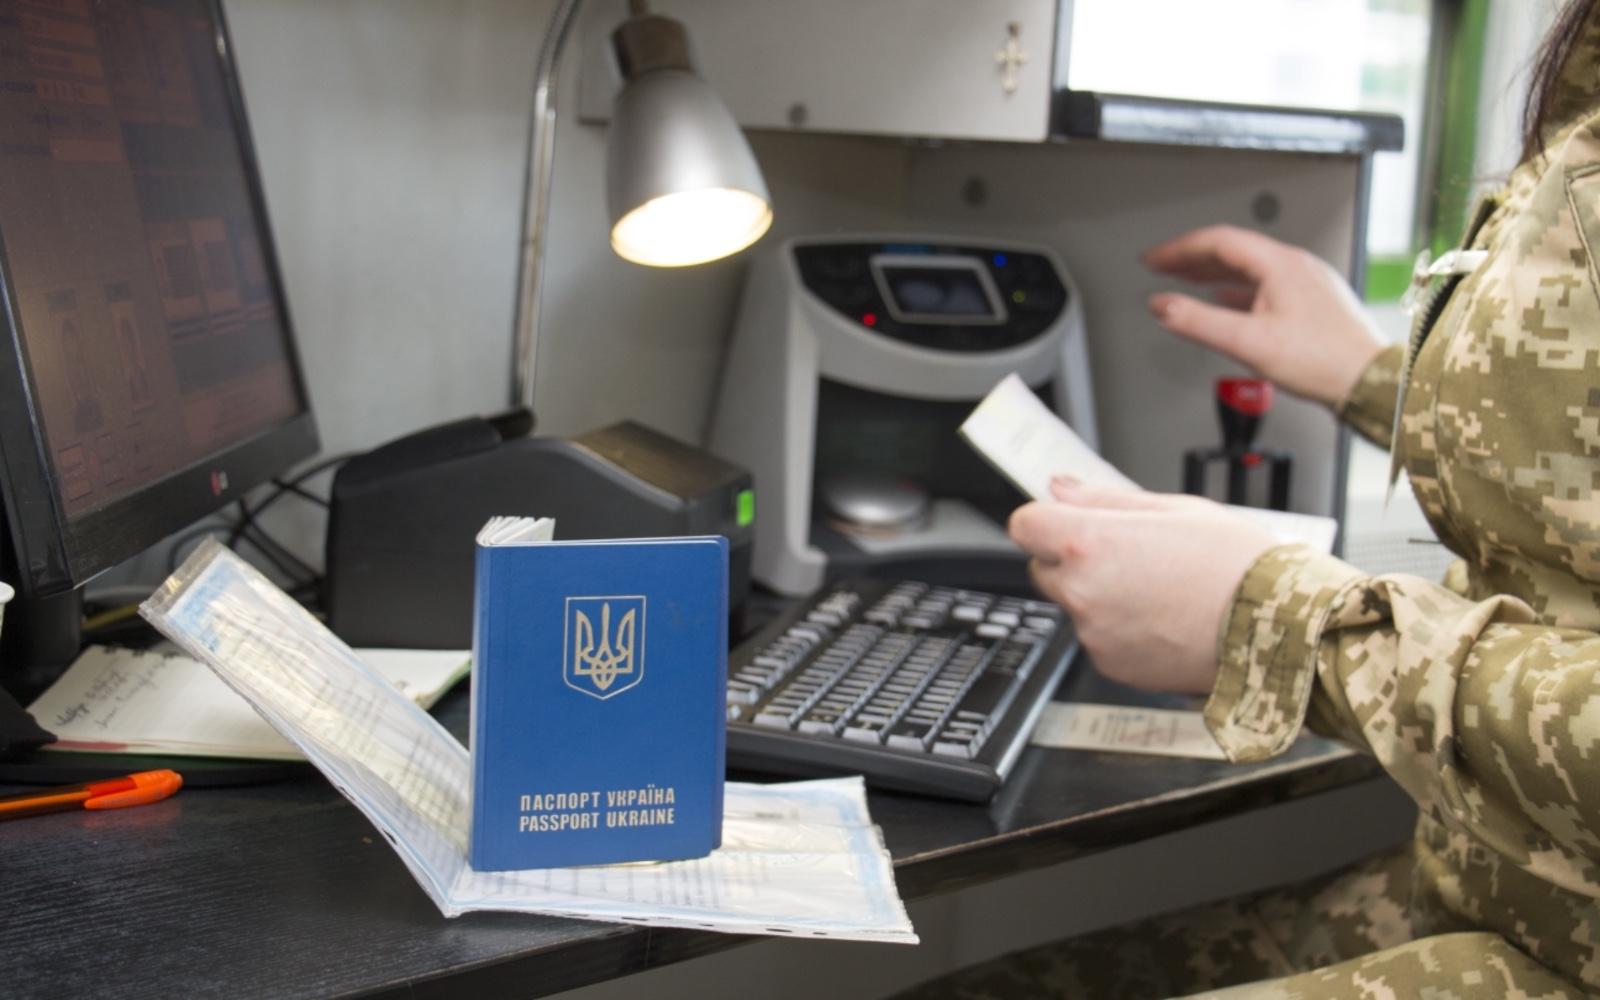 A border agent scans a passport